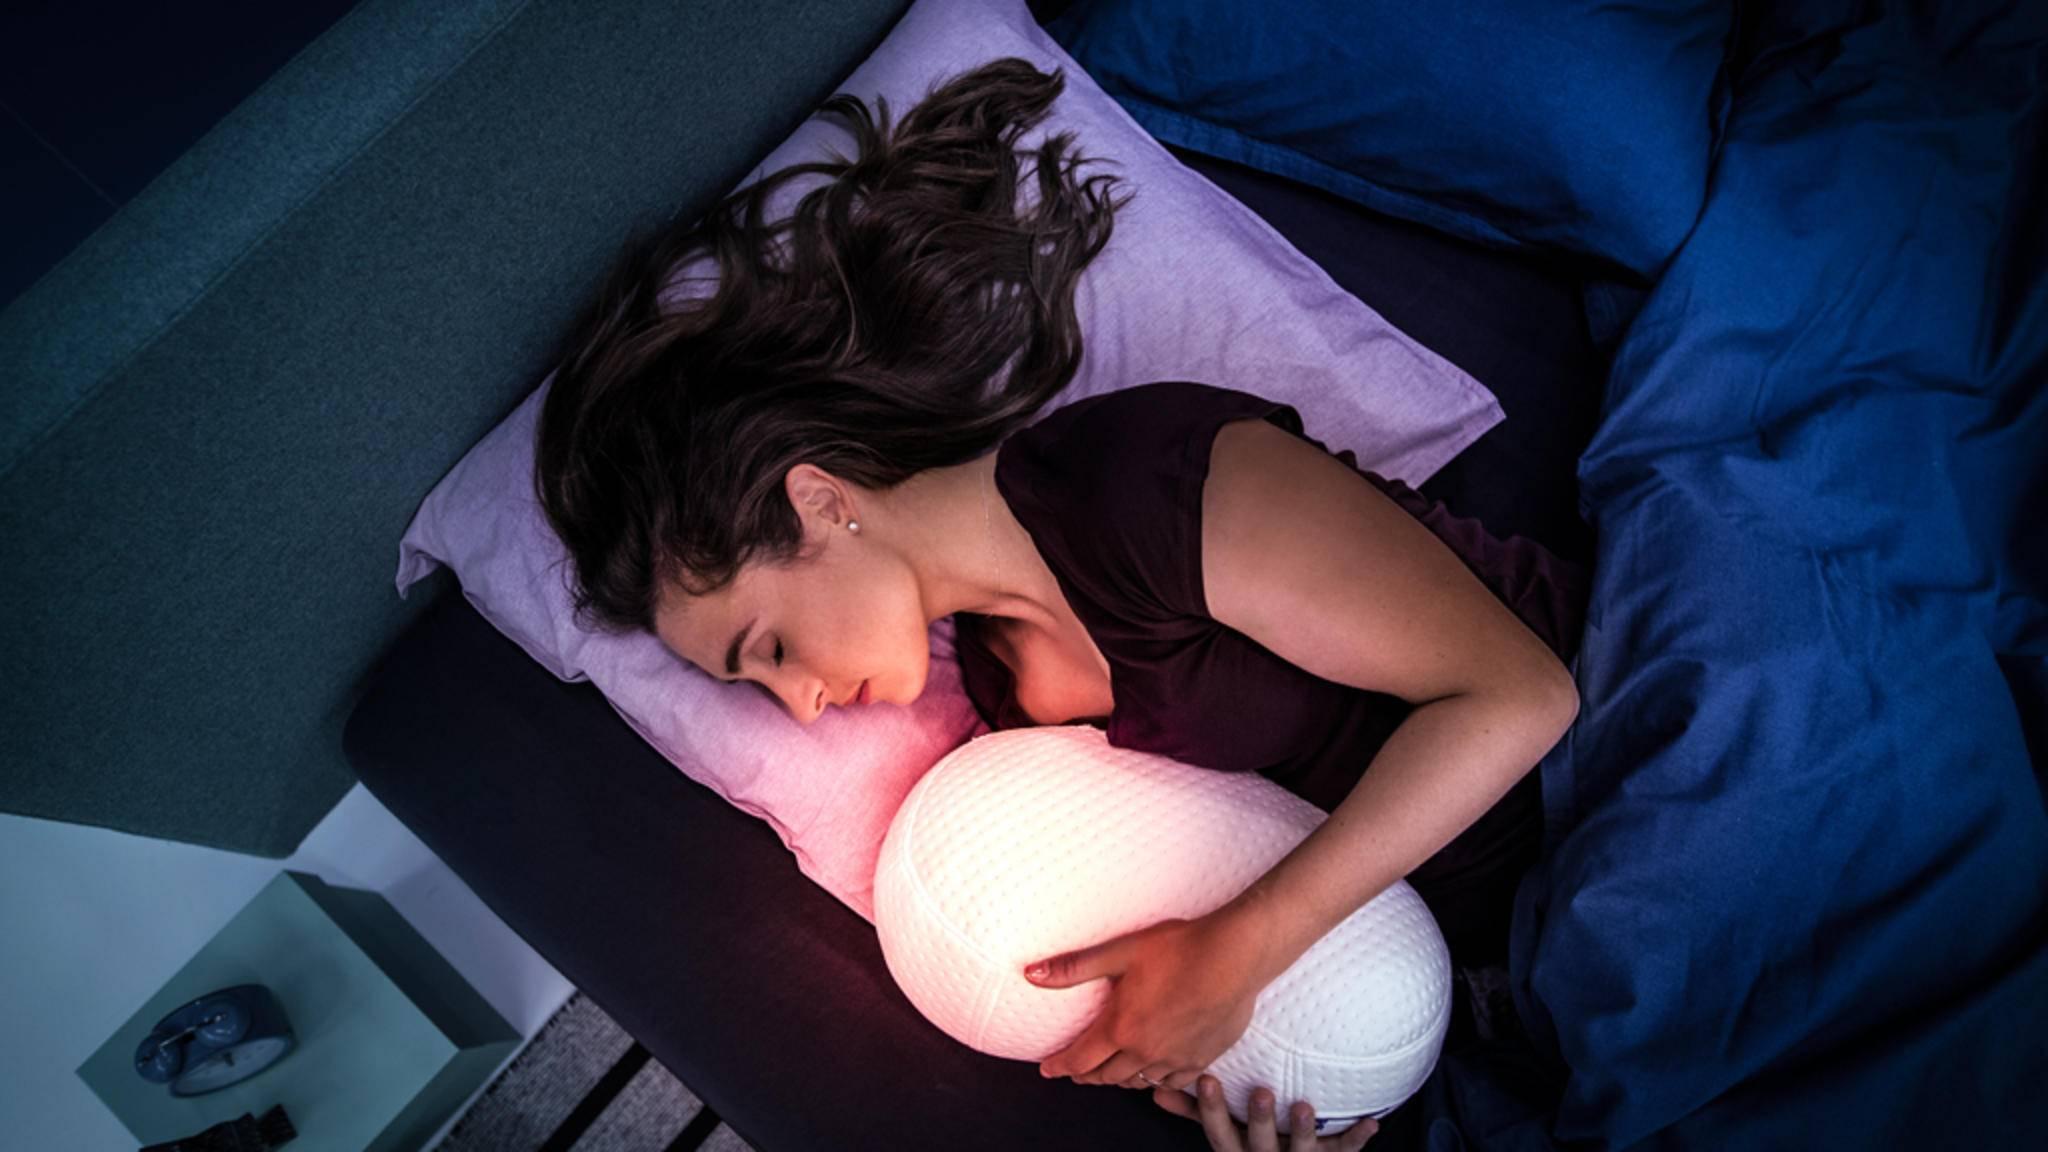 Kuscheln mit dem atmenden Somnox-Kissen soll beim Einschlafen helfen.